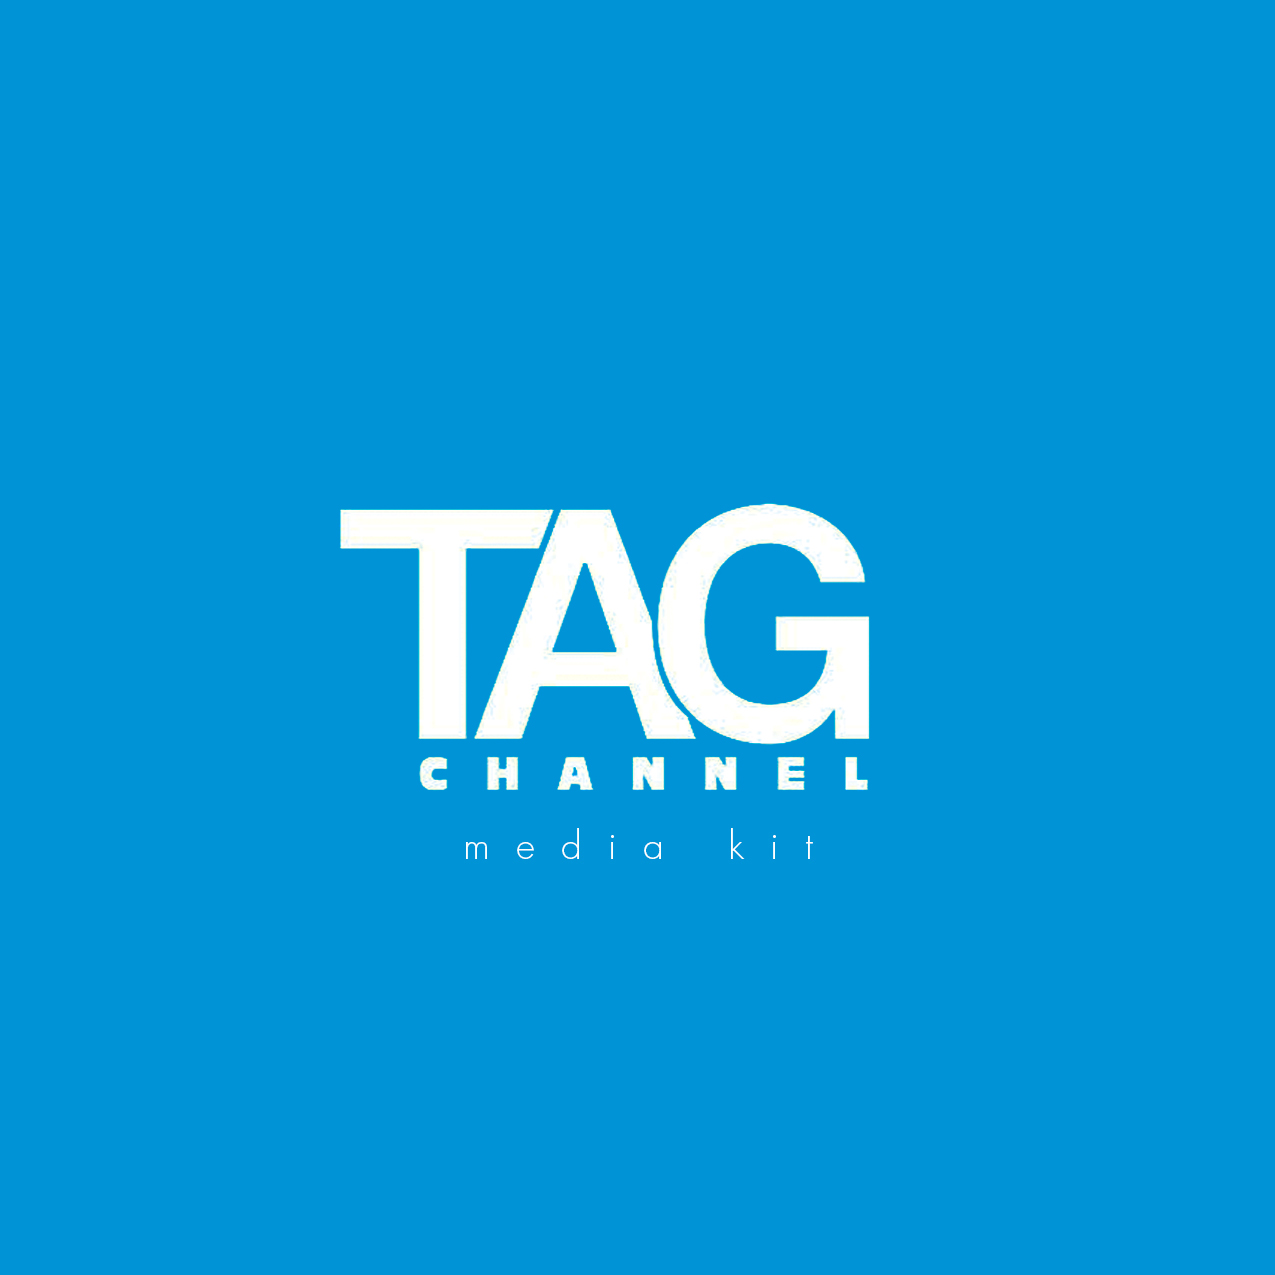 1141-TAG Brand Deck_v2.jpg